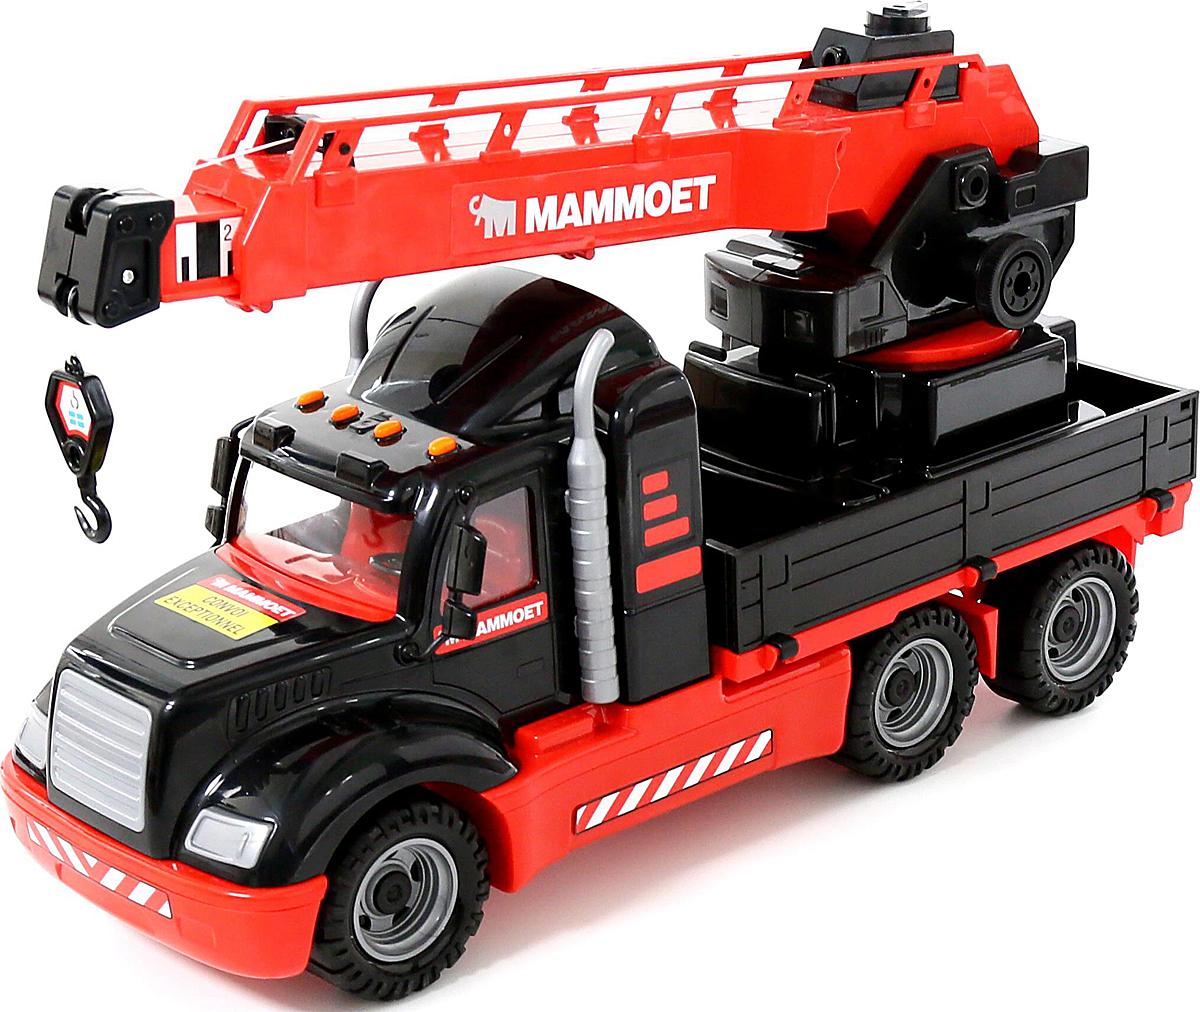 Полесье Автокран Mammoet 205-01 полесье полесье игровой набор mammoet volvo автомобиль трейлер и трактор погрузчик